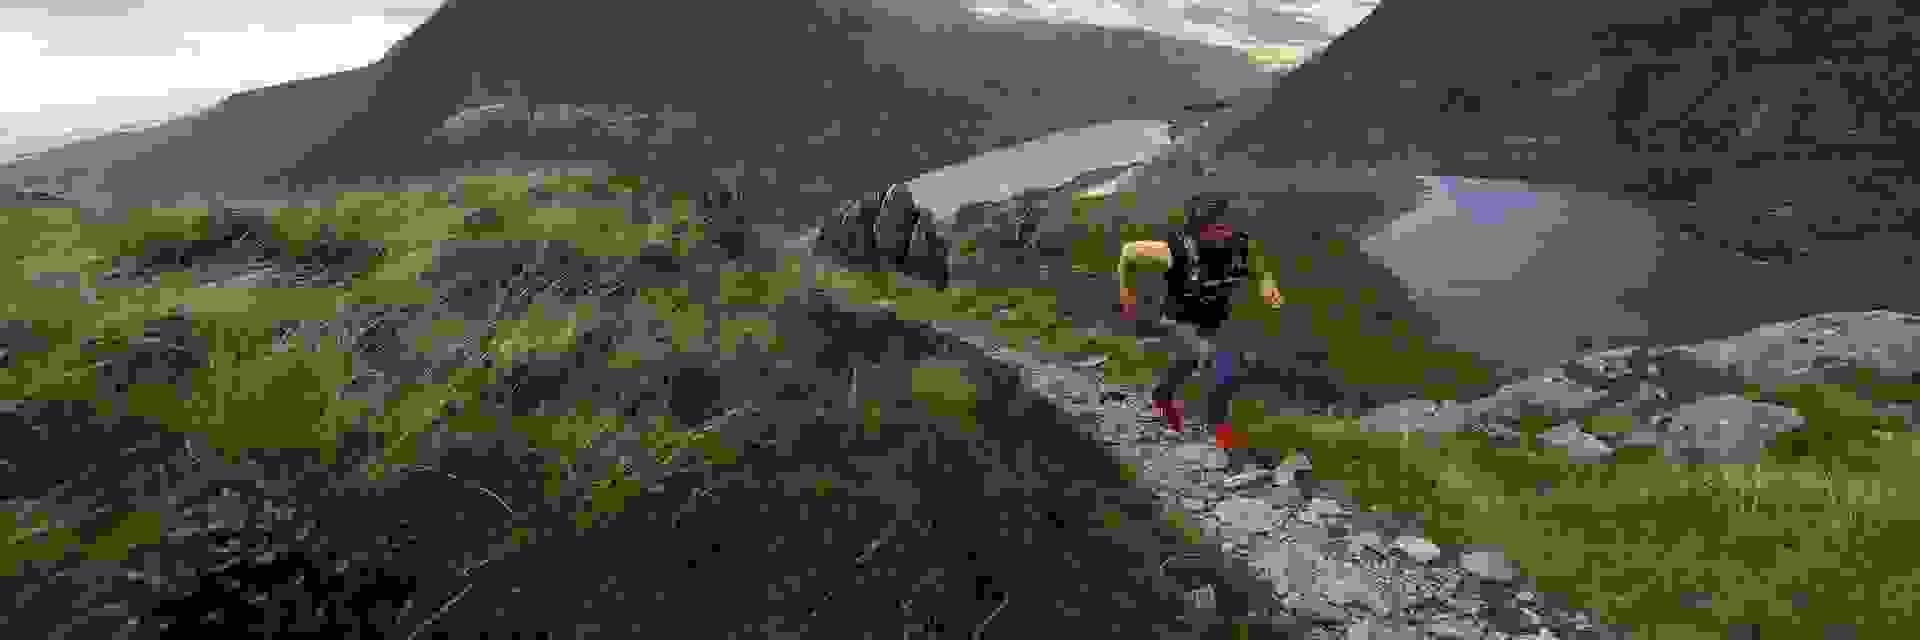 Trailrunner läuft an zwei Gebrigsseen vorbei